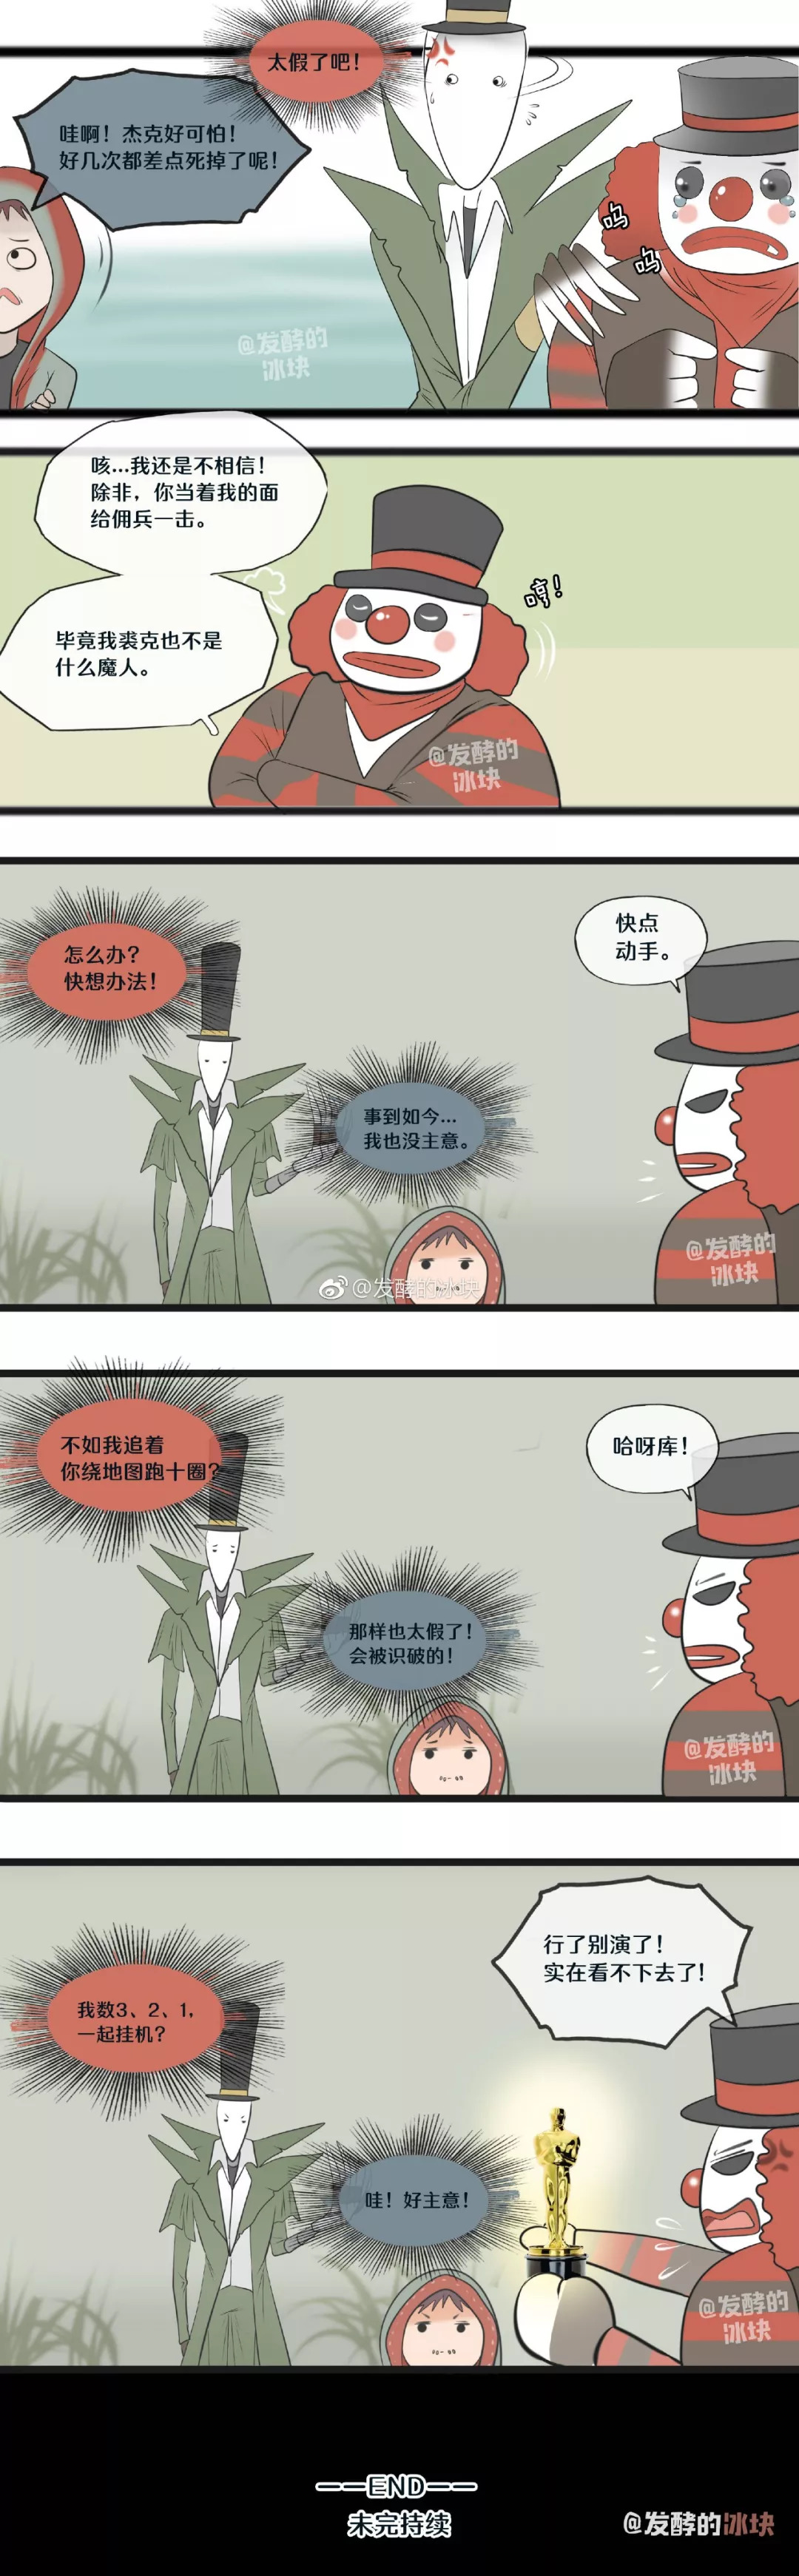 第五人格漫画联合狩猎